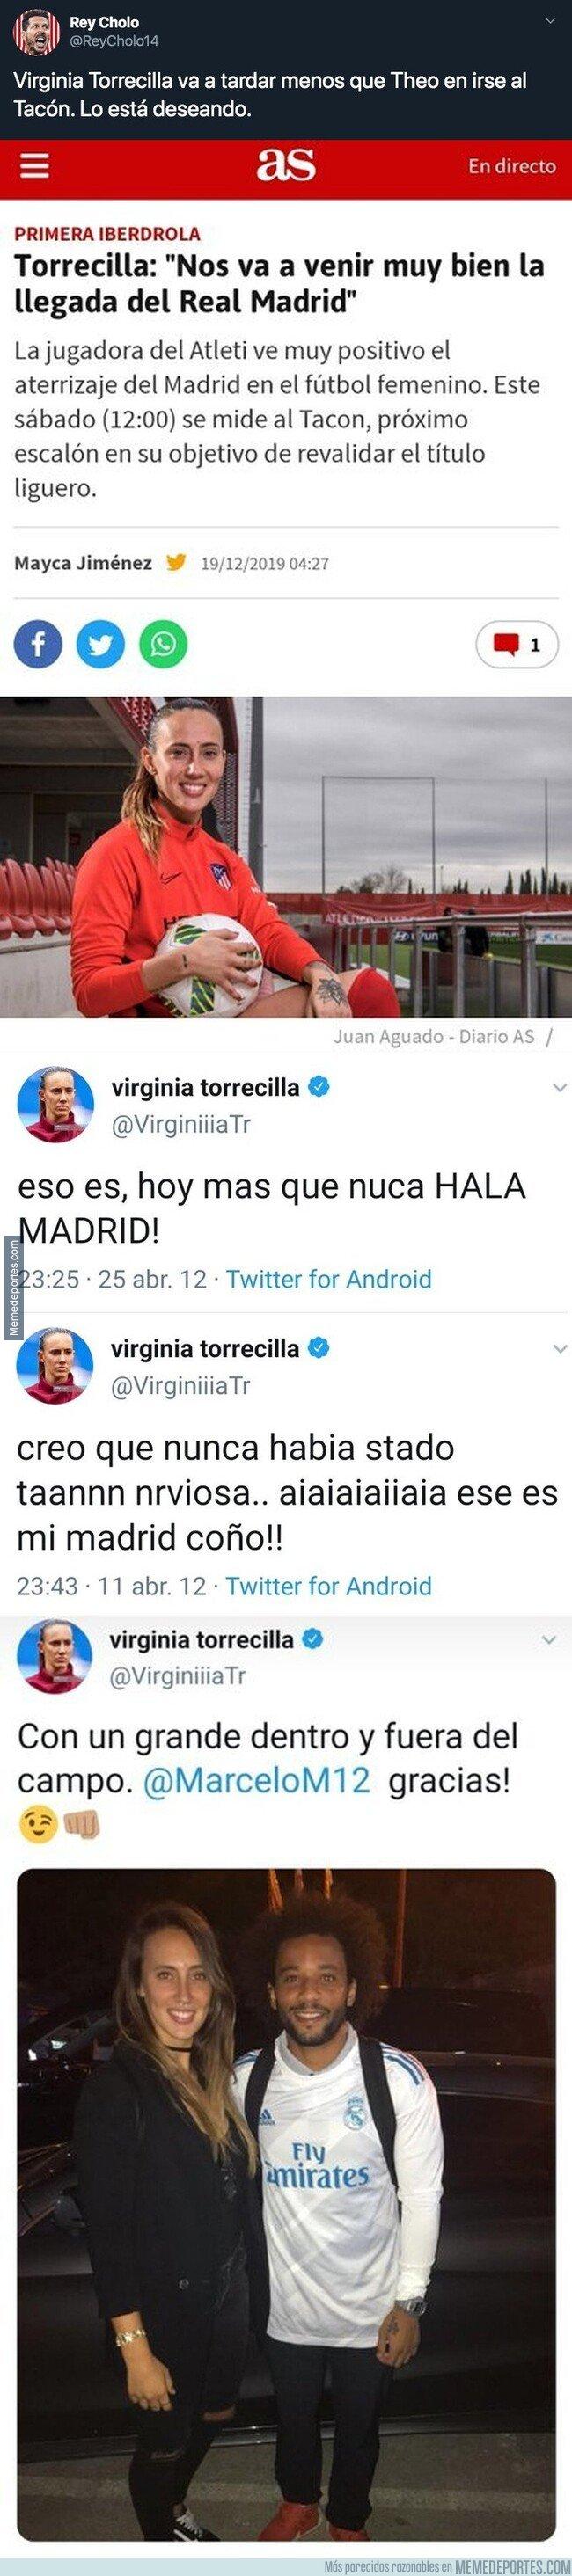 1094051 - Salen a la luz tuits del pasado de Virginia Torrecilla, jugadora del Atlético de Madrid y queda totalmente retratada